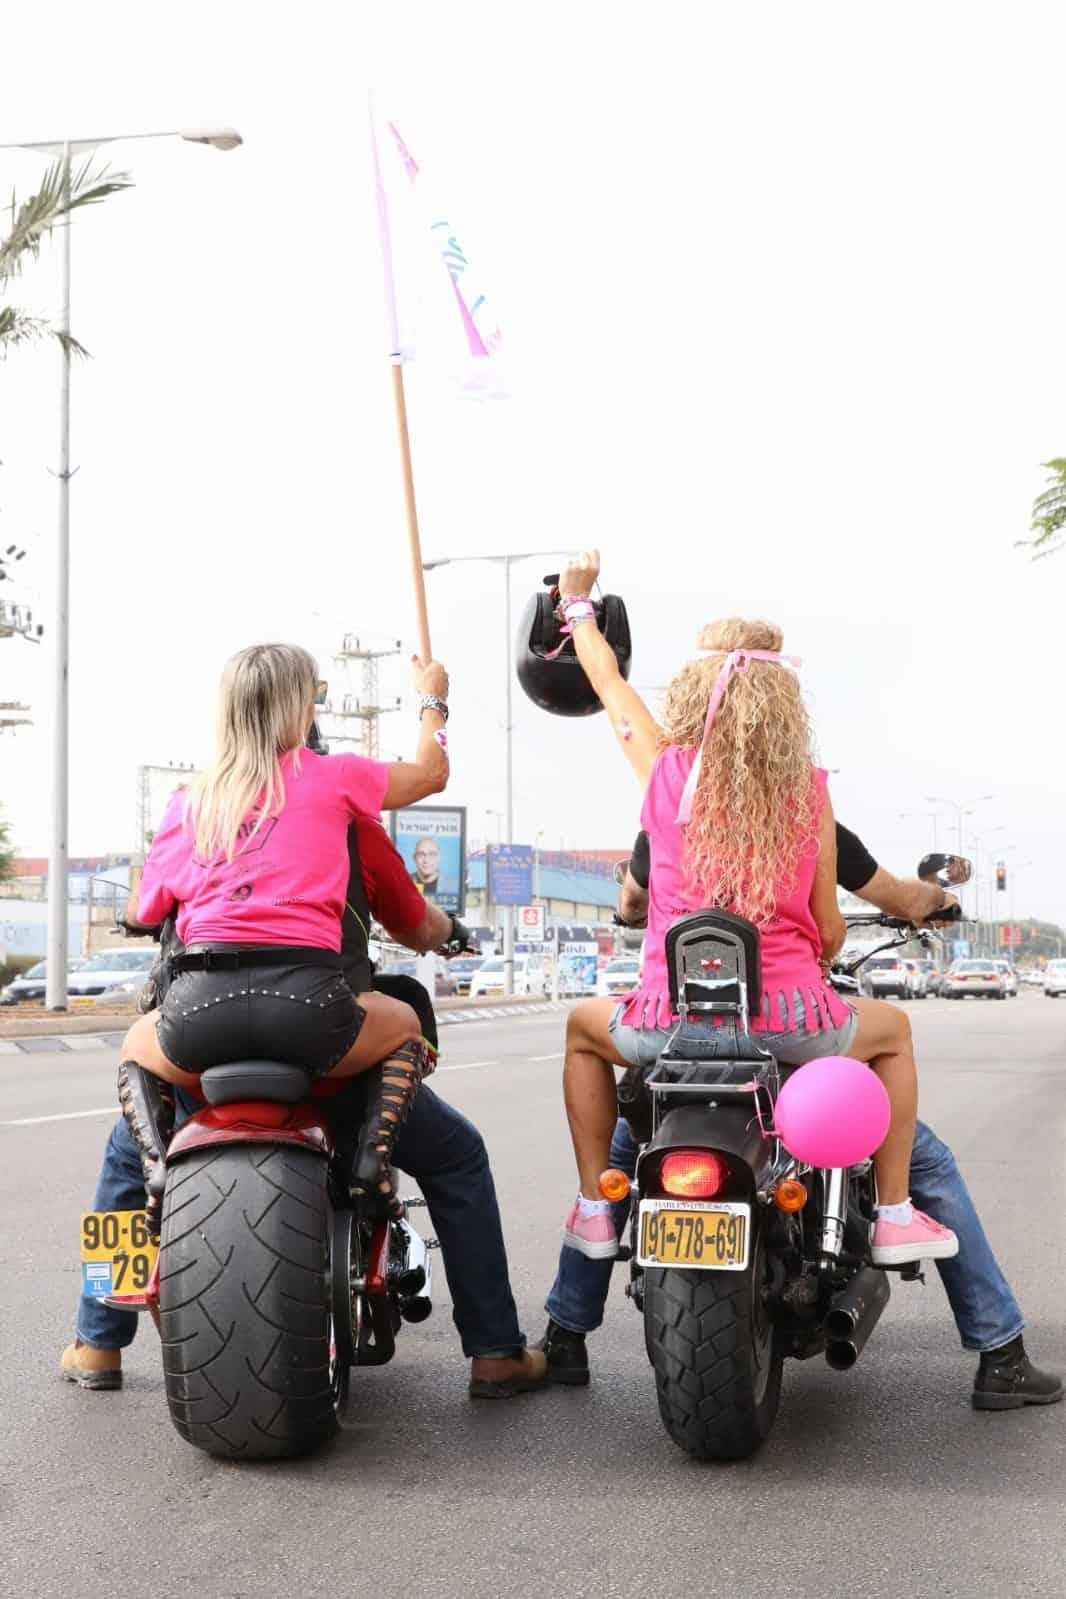 רוכבות לניצחון - לרגל חודש המודעות הבינלאומי לקידום המאבק בסרטן השד